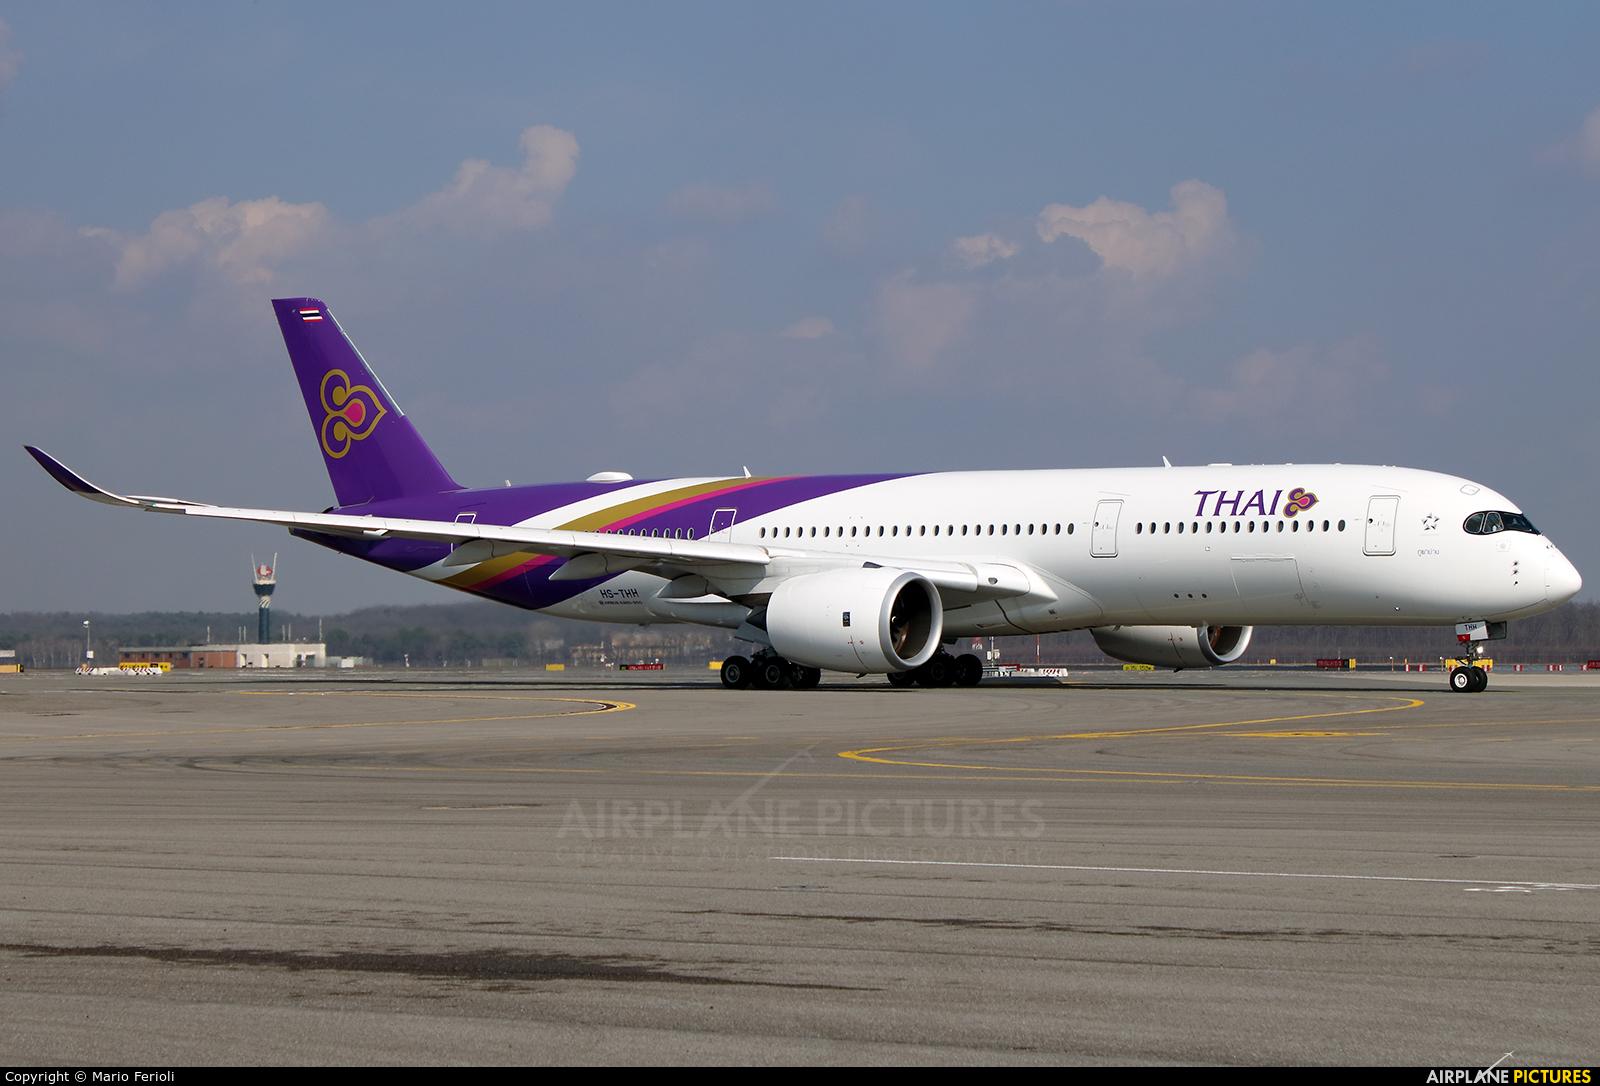 Thai Airways HS-THH aircraft at Milan - Malpensa